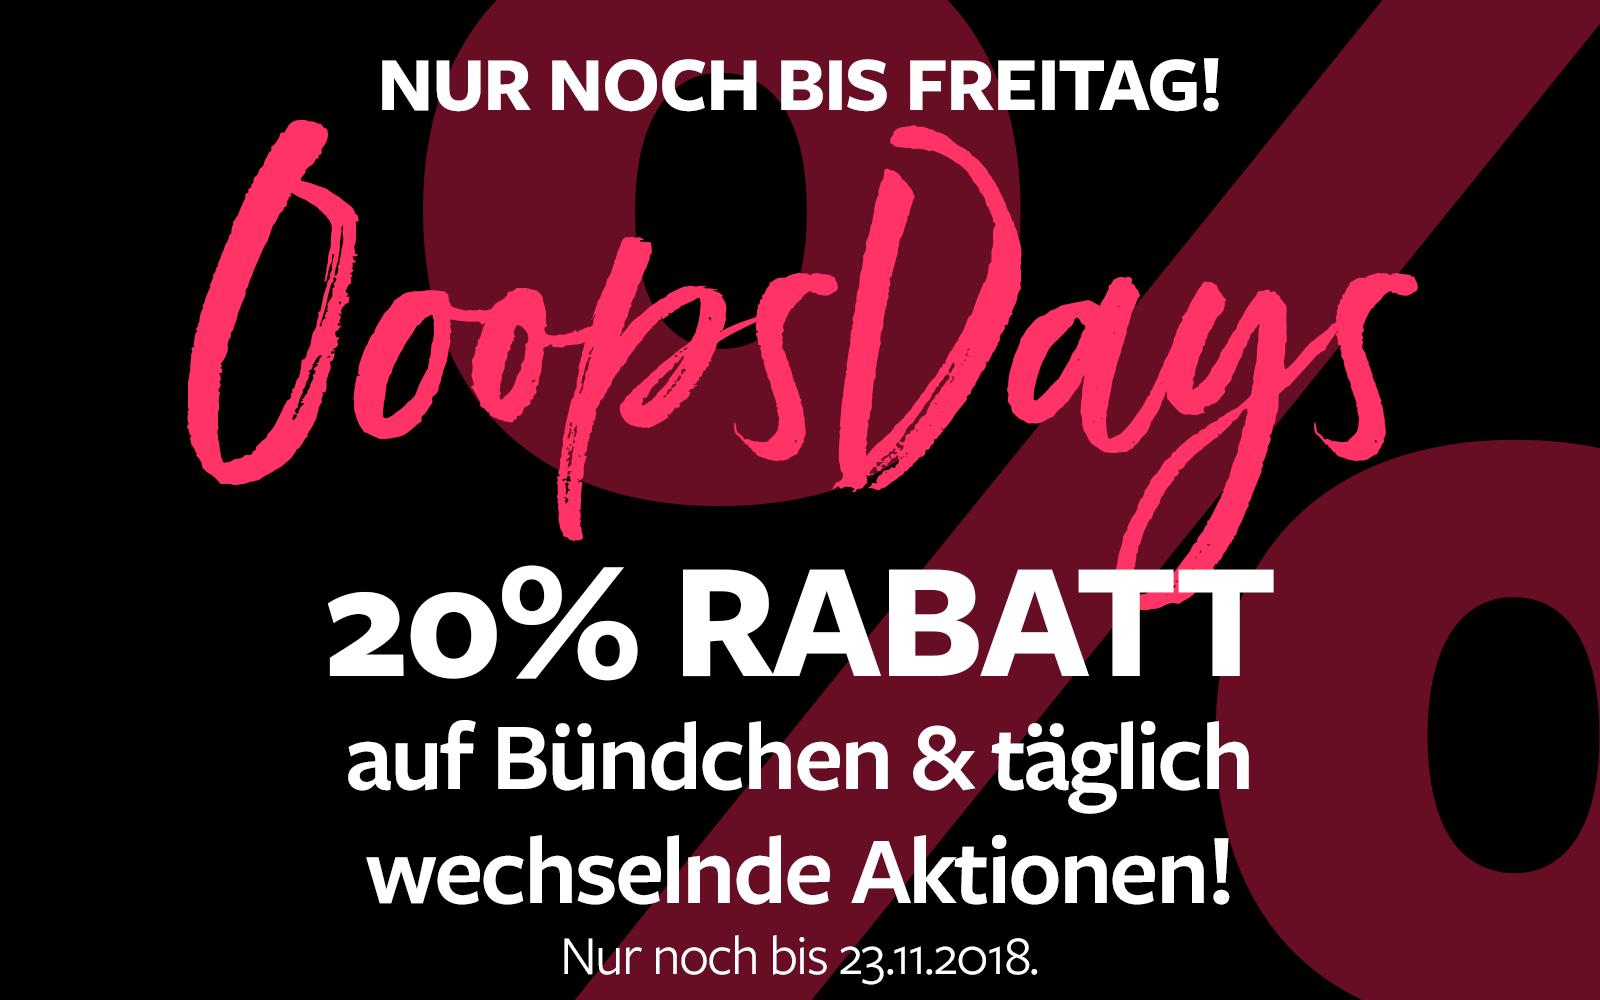 OopsDays - 20% Rabatt auf ausgewählte Artikel